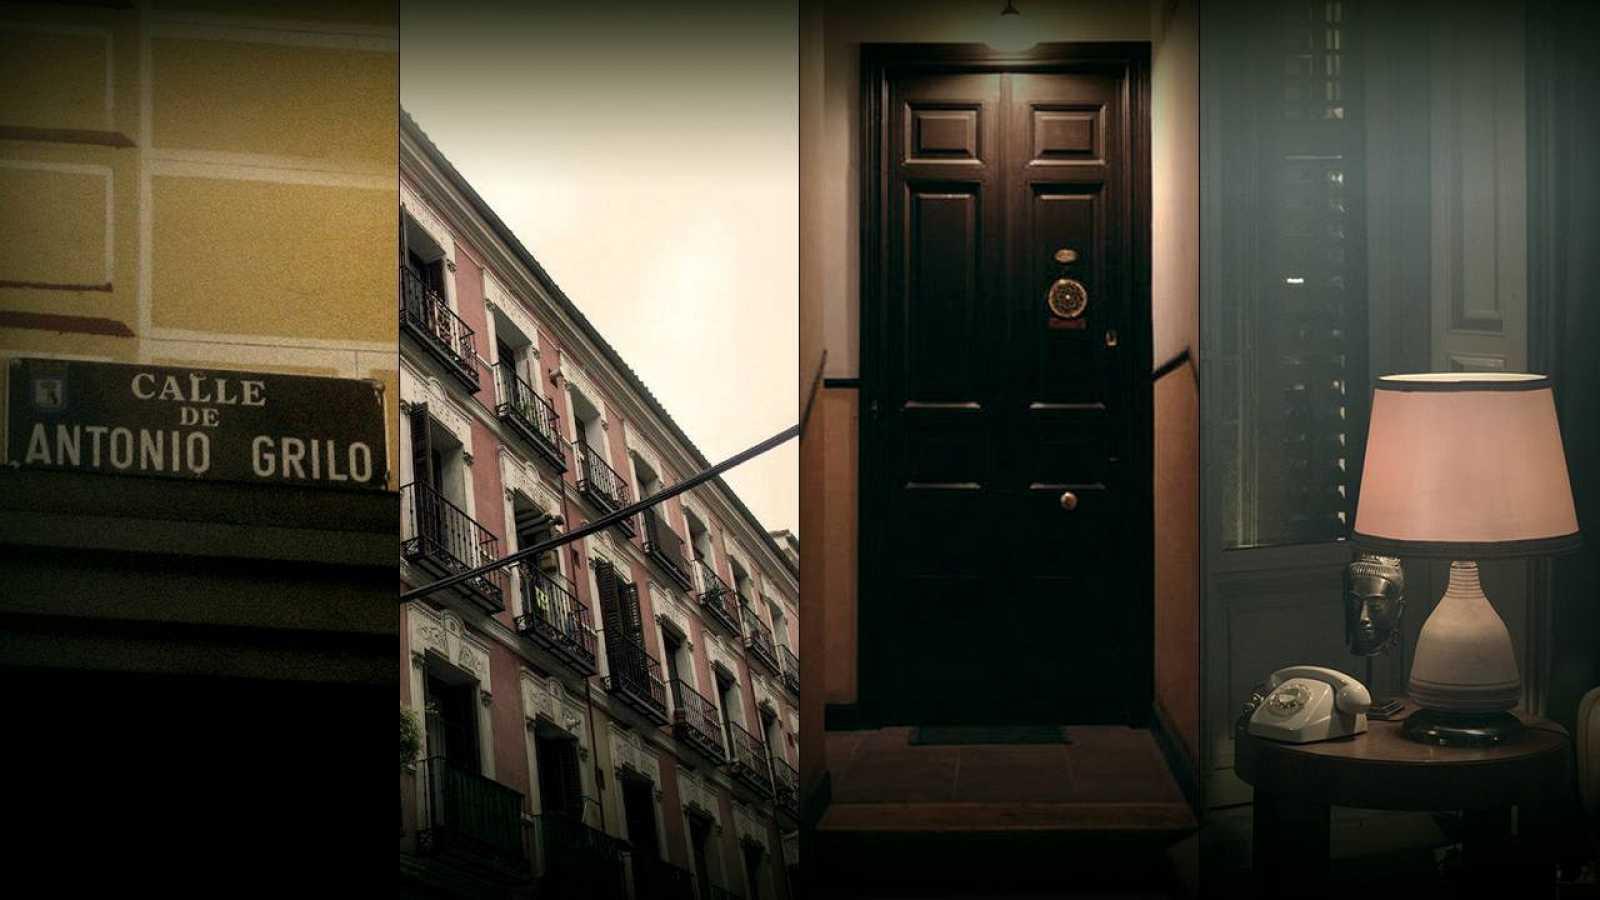 Antonio Grilo, la calle maldita de Madrid